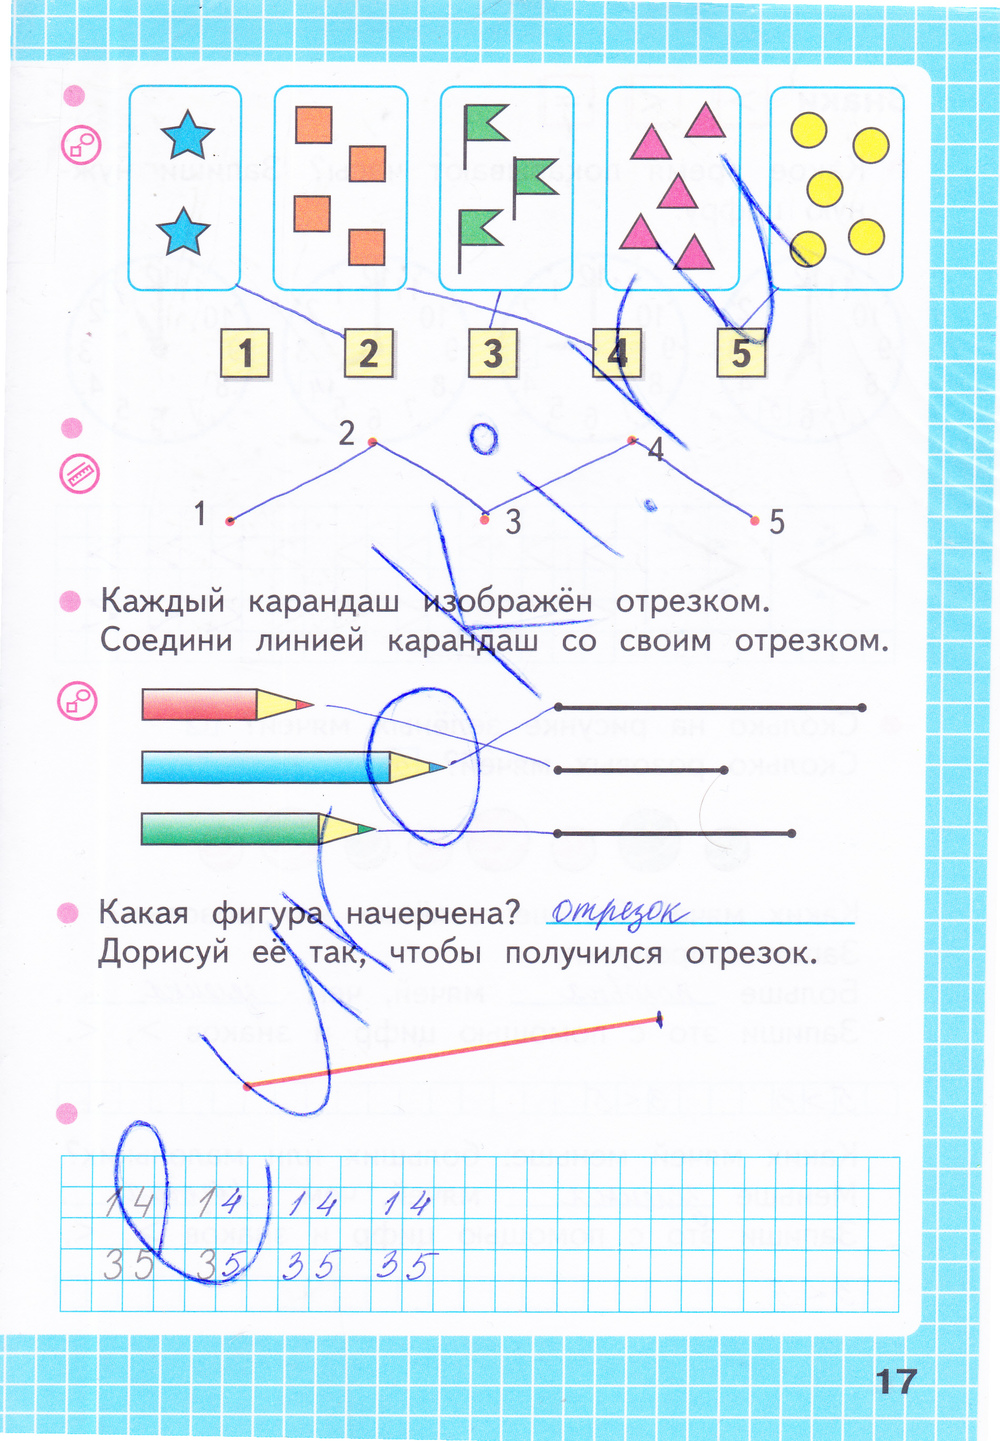 ГДЗ по математике 1 класс рабочая тетрадь Моро, Волкова Часть 1, 2. Задание: стр. 17